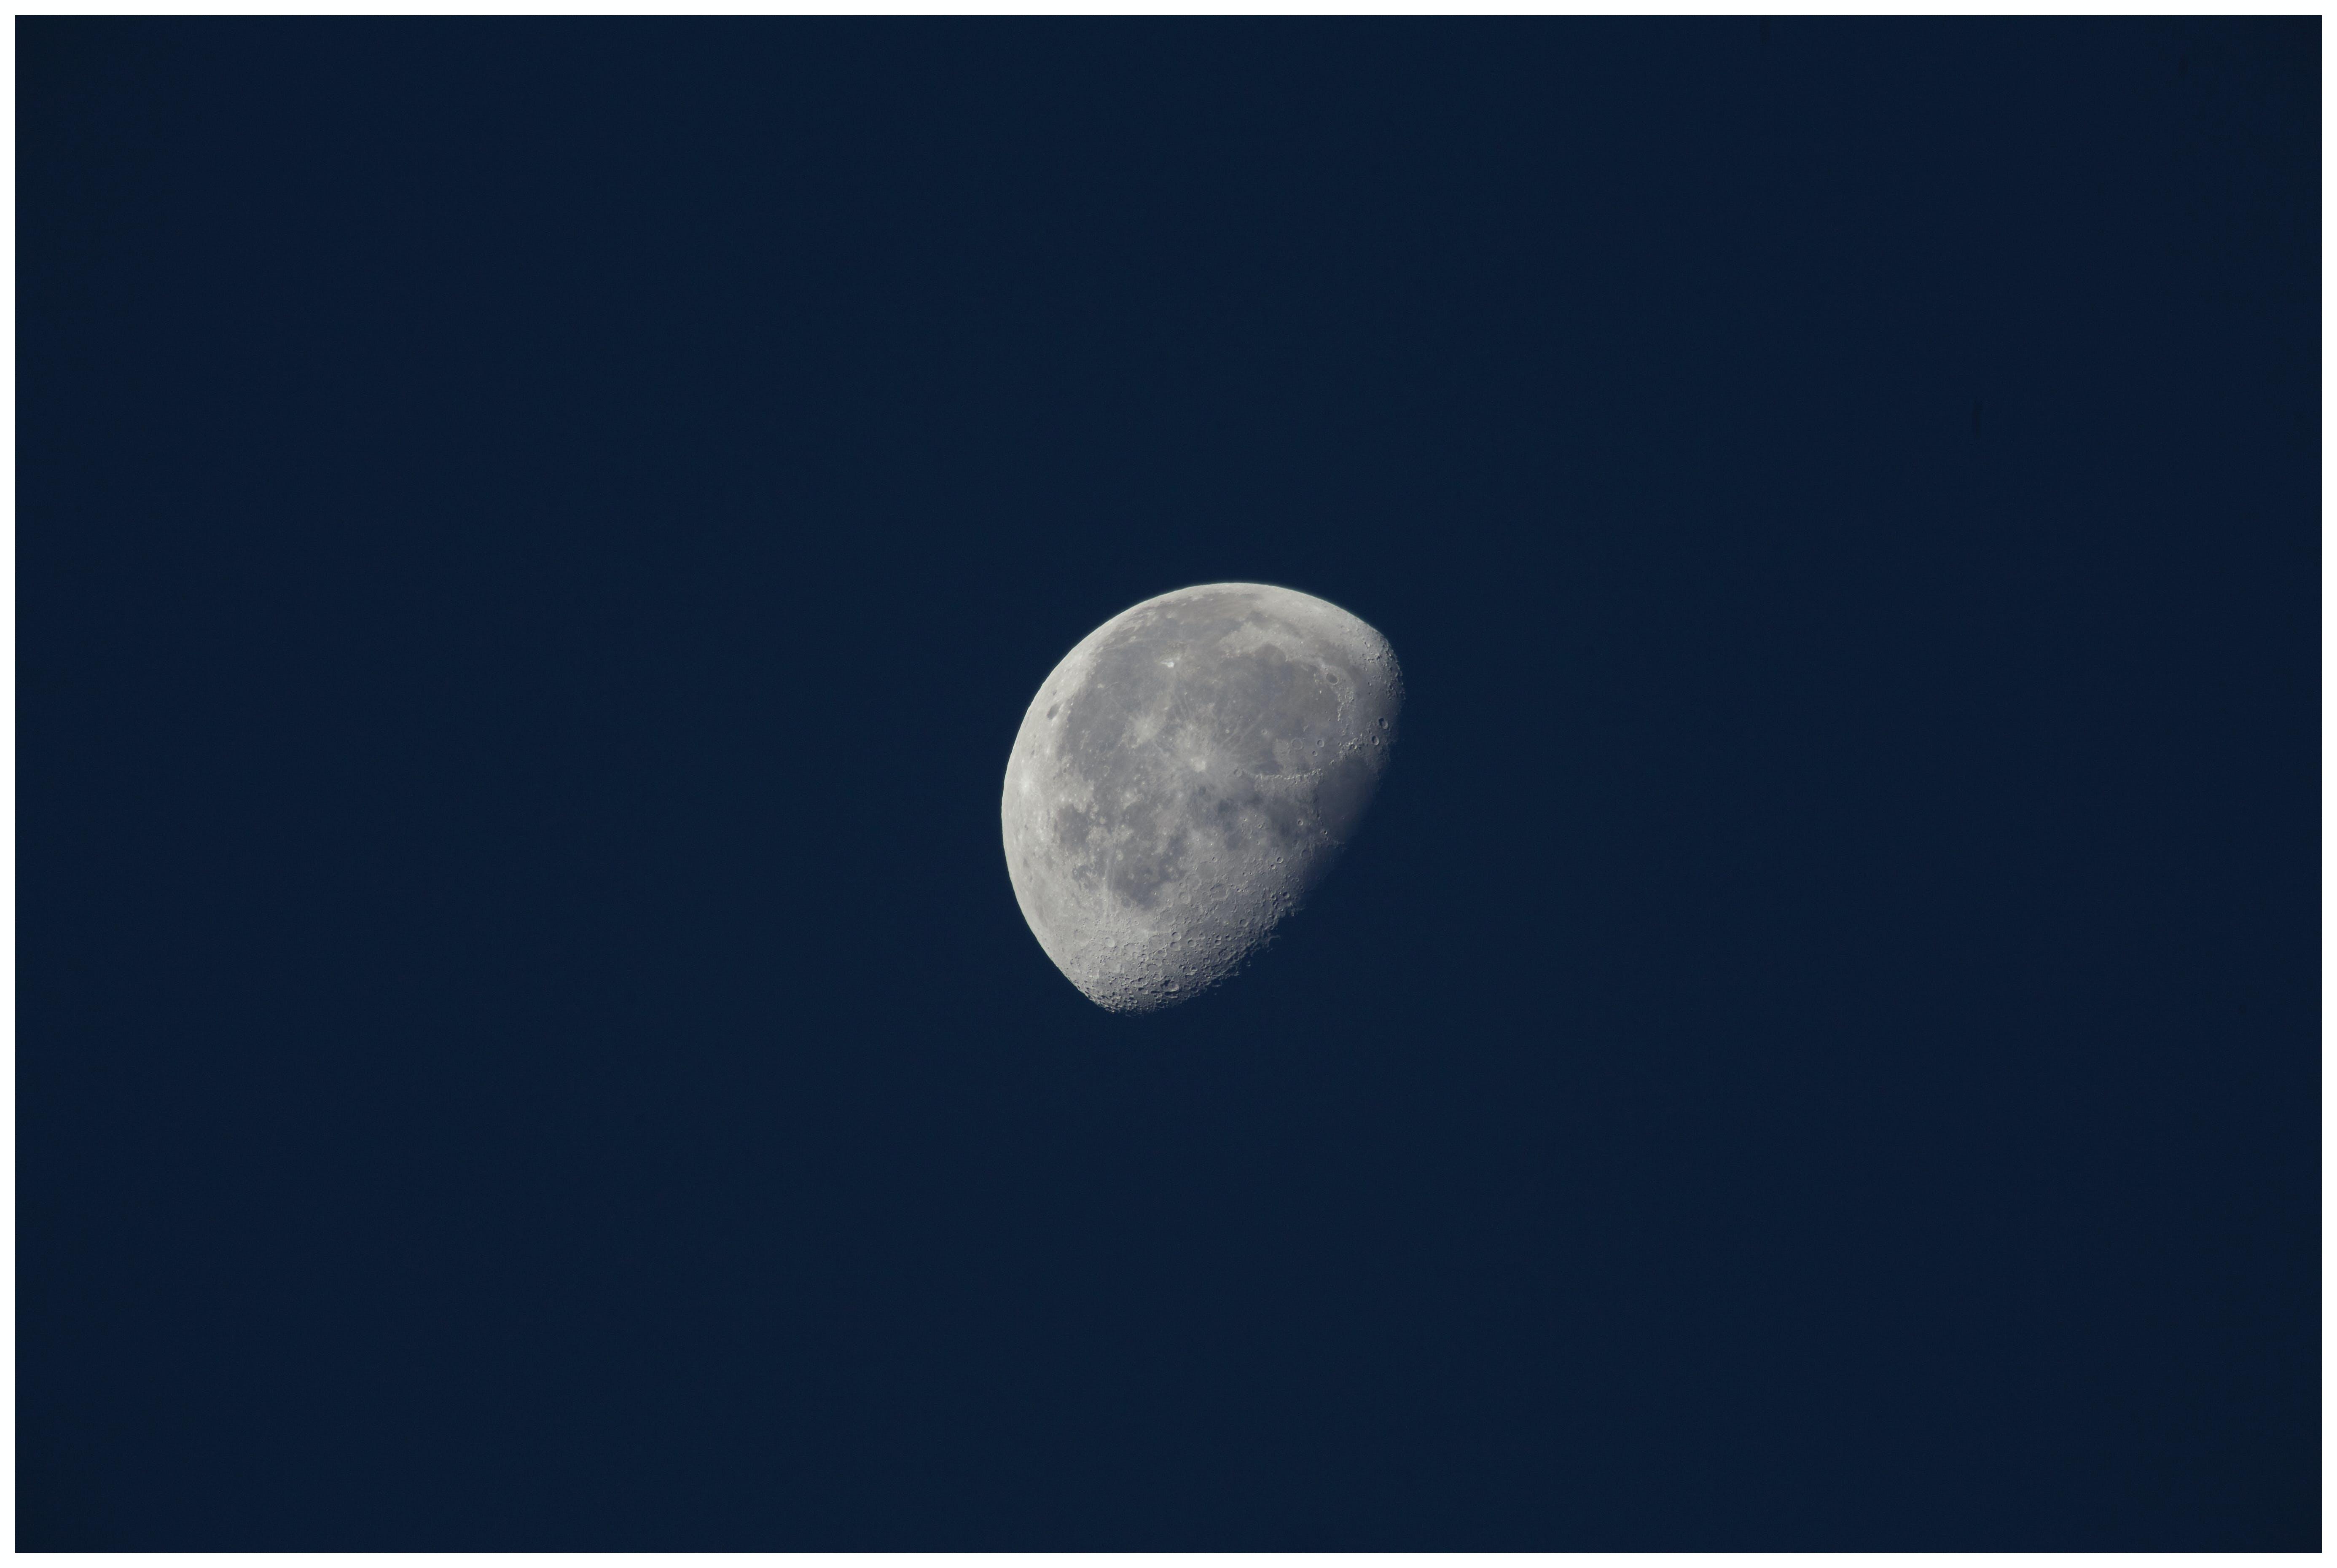 astro, astronomy, astrophotography